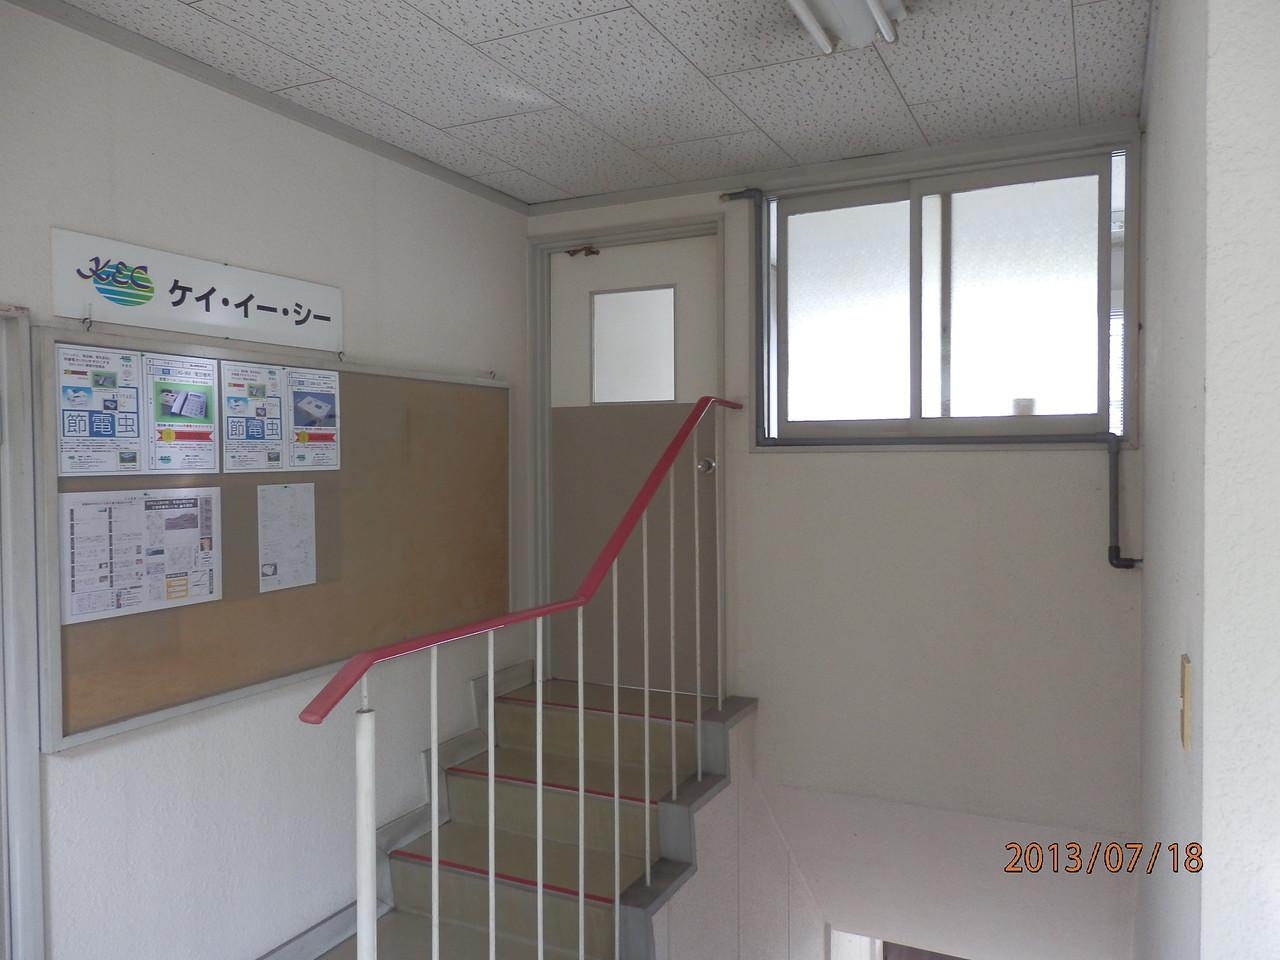 KECビル2階、203号(2.5坪)入口(閉)